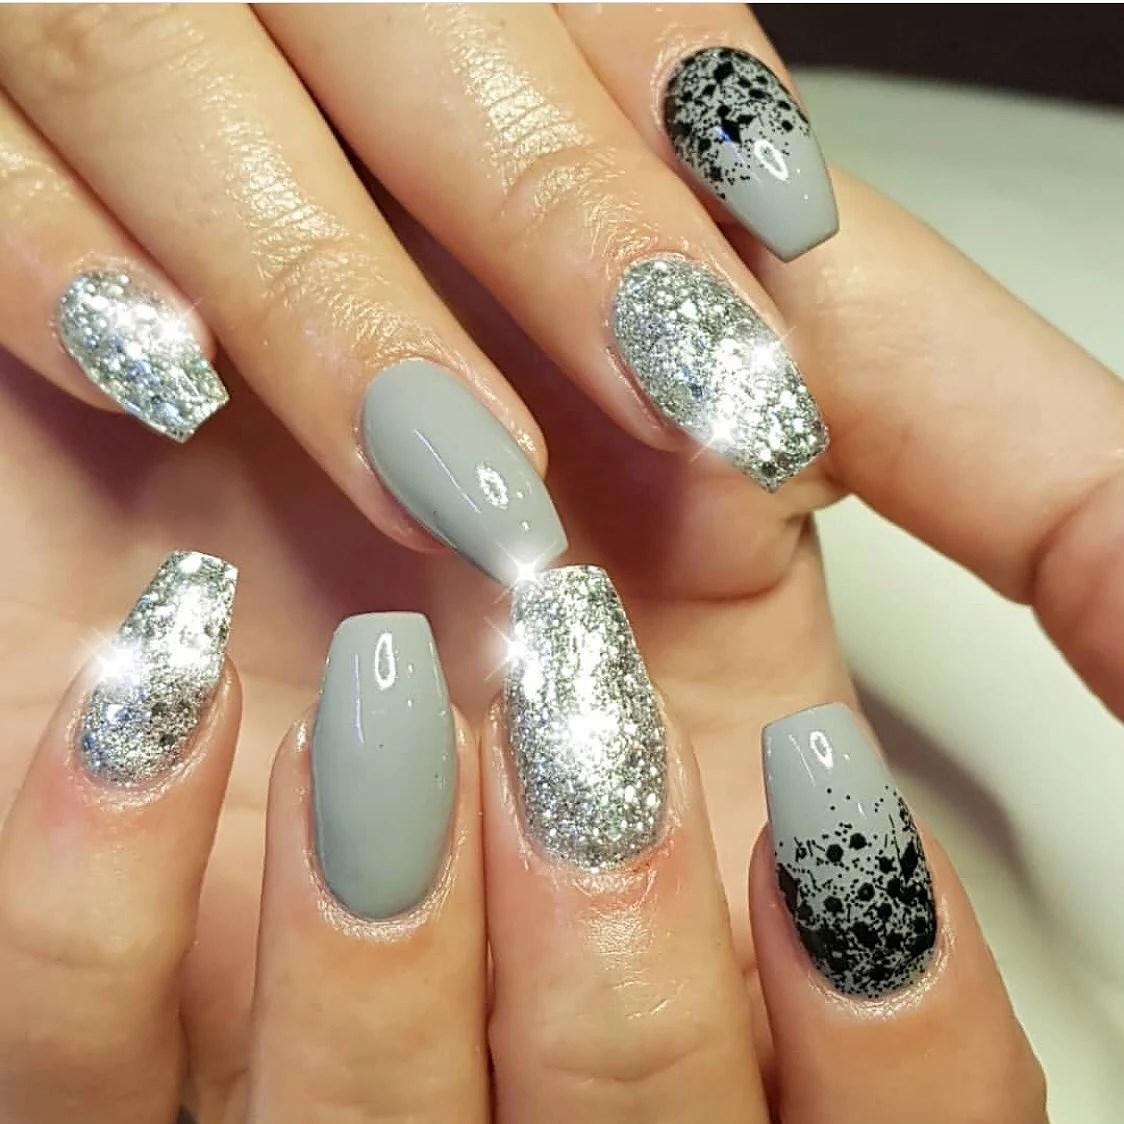 Nya naglar - äntligen